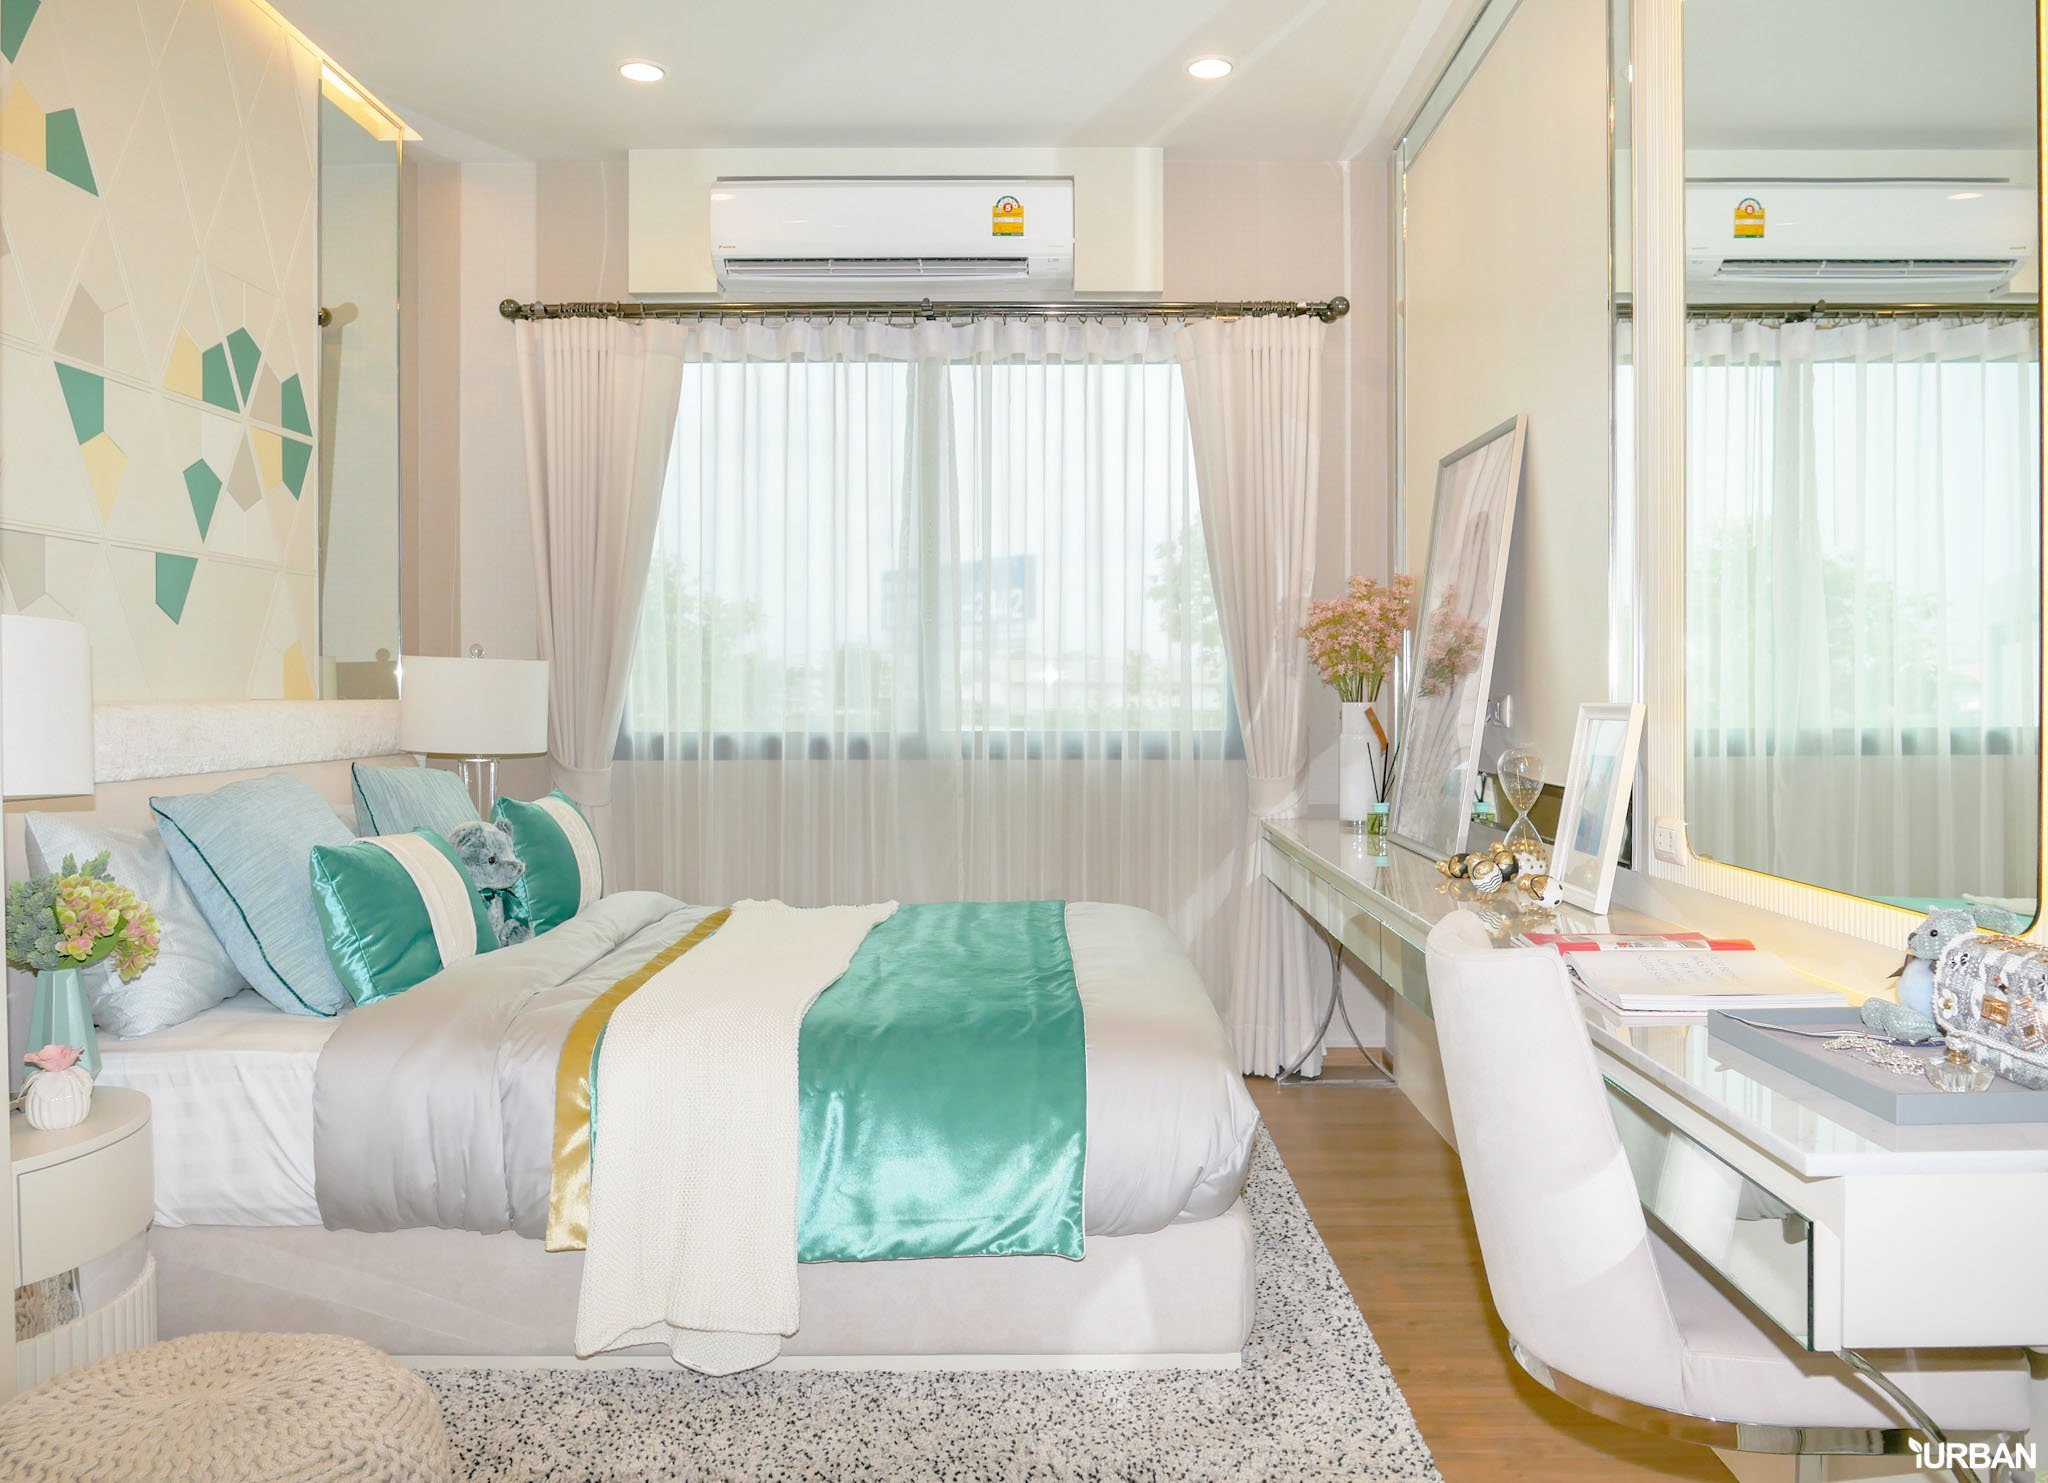 AIRI แอริ พระราม 2 บ้านเดี่ยว 4 ห้องนอน ออกแบบโปร่งสบายด้วยแนวคิดผสานการใช้ชีวิตกับธรรมชาติ 69 - Ananda Development (อนันดา ดีเวลลอปเม้นท์)